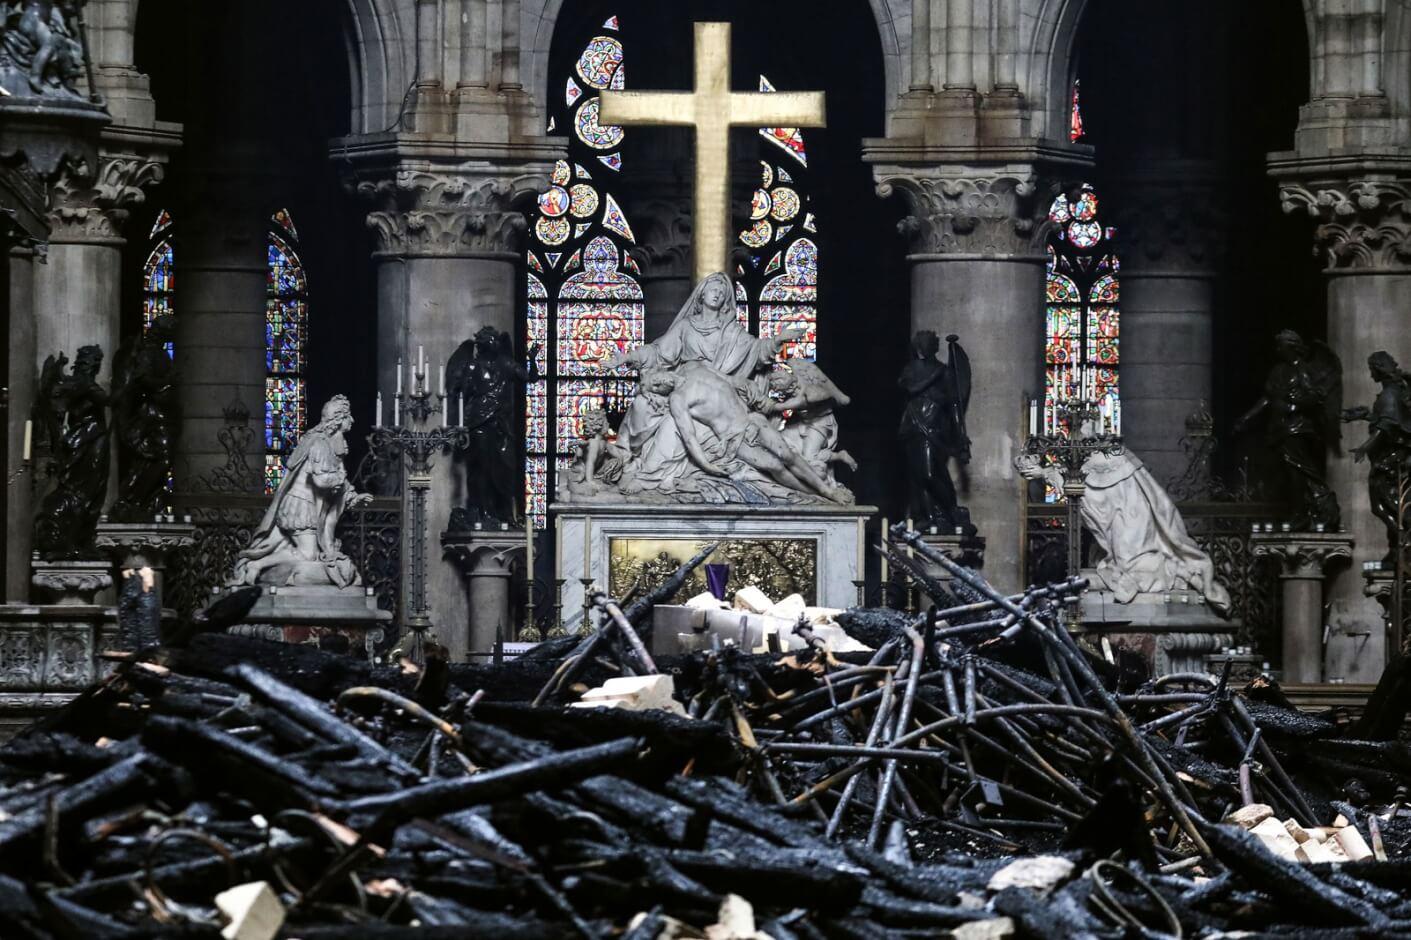 WeBitcoin:Nova campanha irá arrecadar fundos em criptomoedas para ajudar na reconstrução da Catedral de Notre Dame